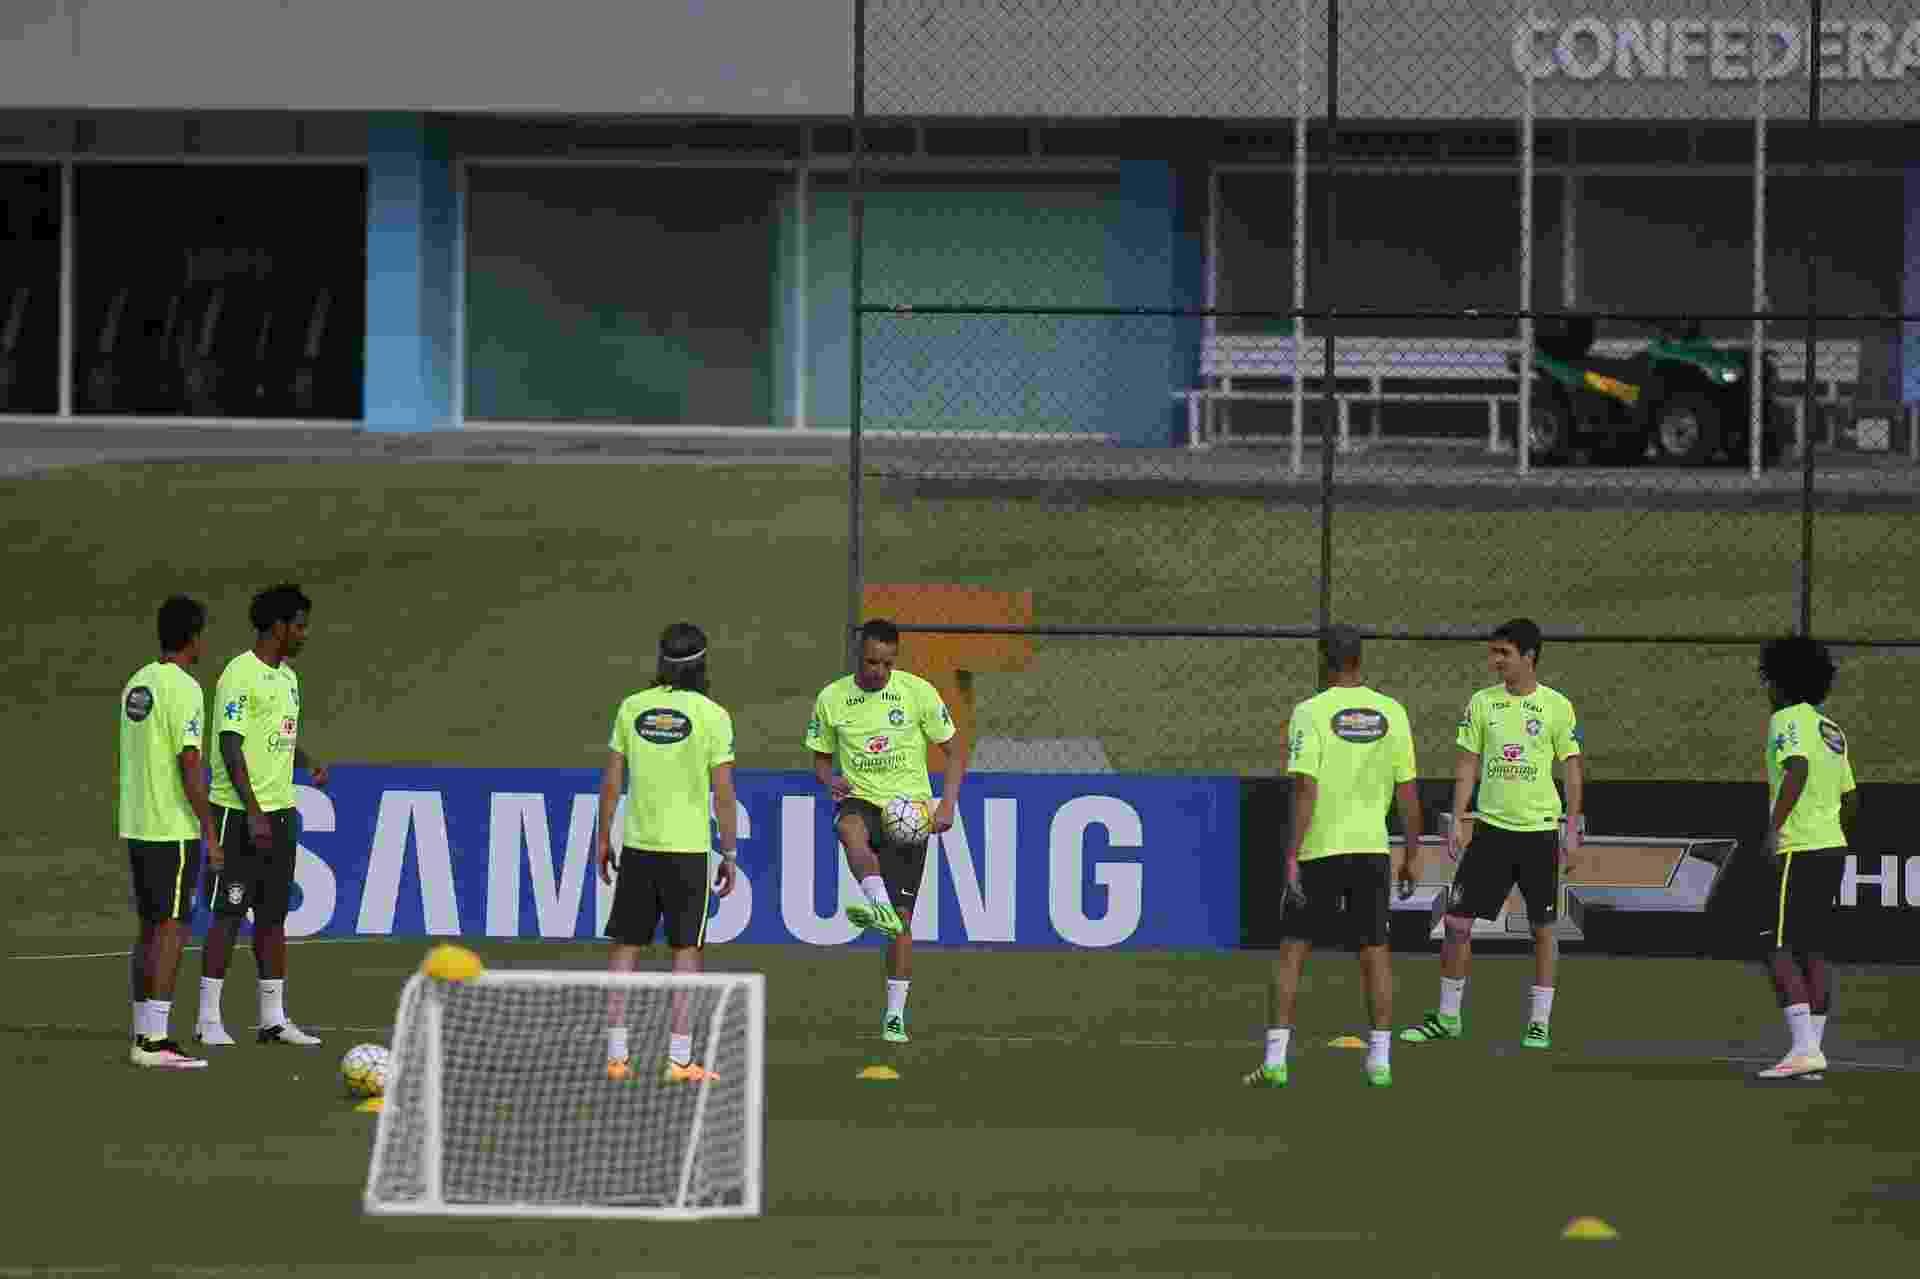 Seleção brasileira treina com sete atletas em campo no primeiro treino para enfrentar Uruguai e Paraguai - Lucas Figueiredo / MoWA Press